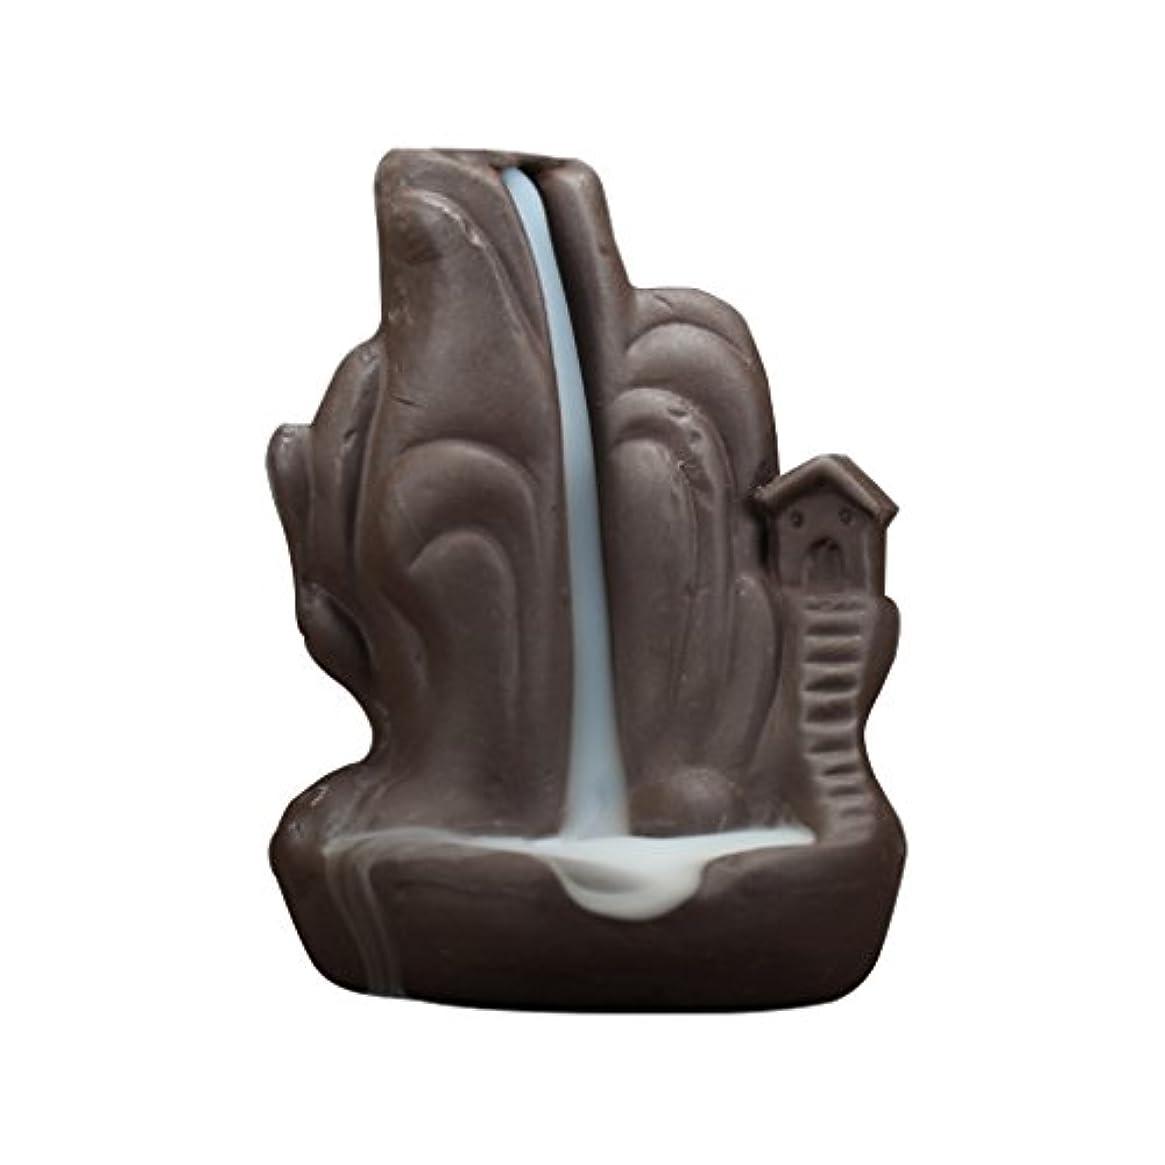 学校腕要件Perfk 美しい デザイン 磁器 逆流香 香炉 古典的 装飾的 全4種    - 2#